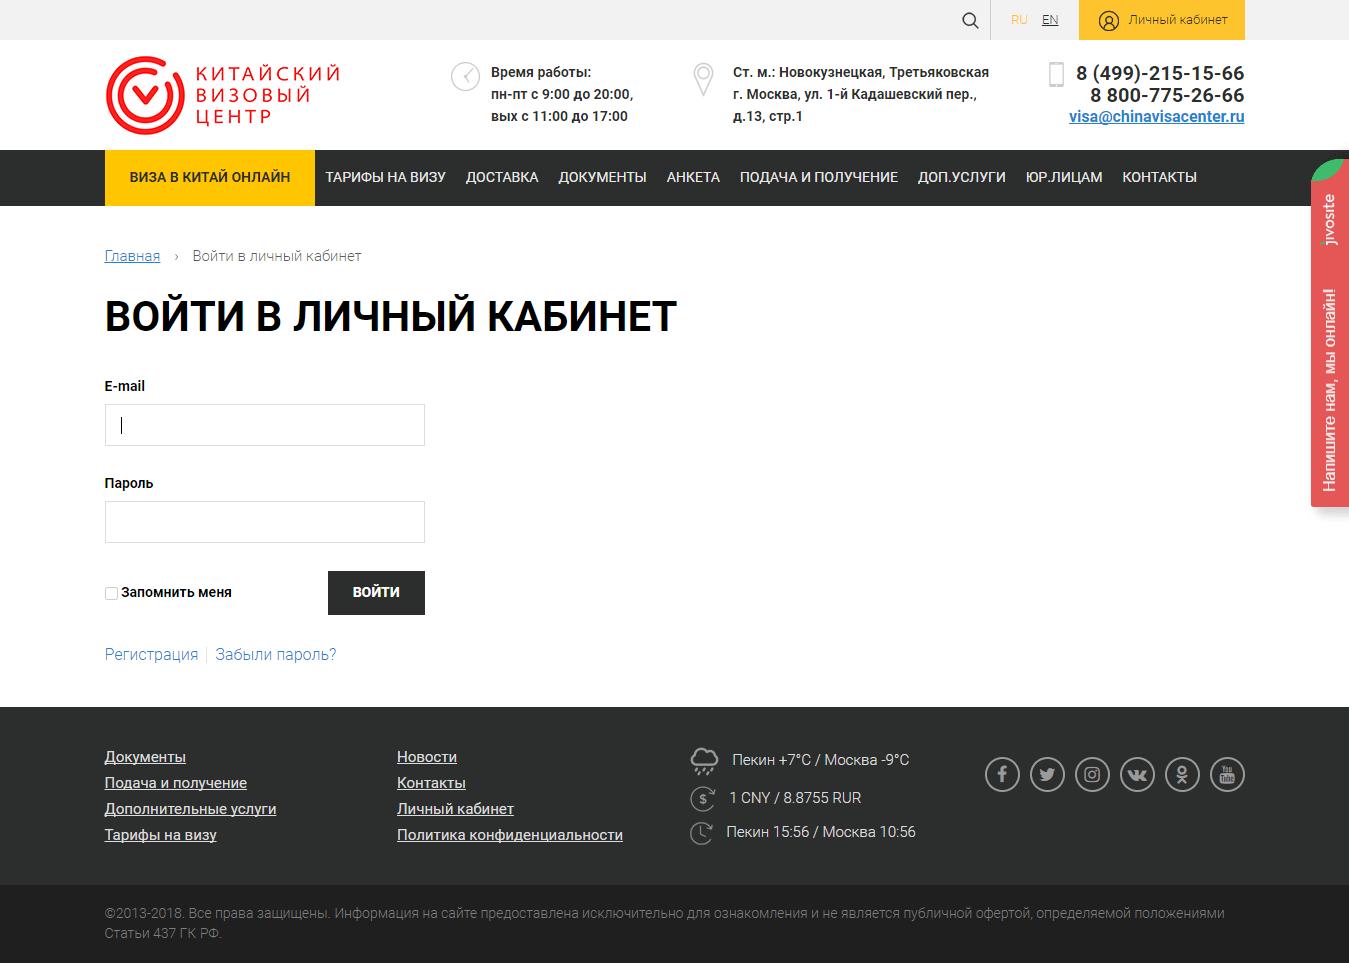 Дизайн страницы входа в личный кабинет на веб-сервисе Китайского Визового Центра